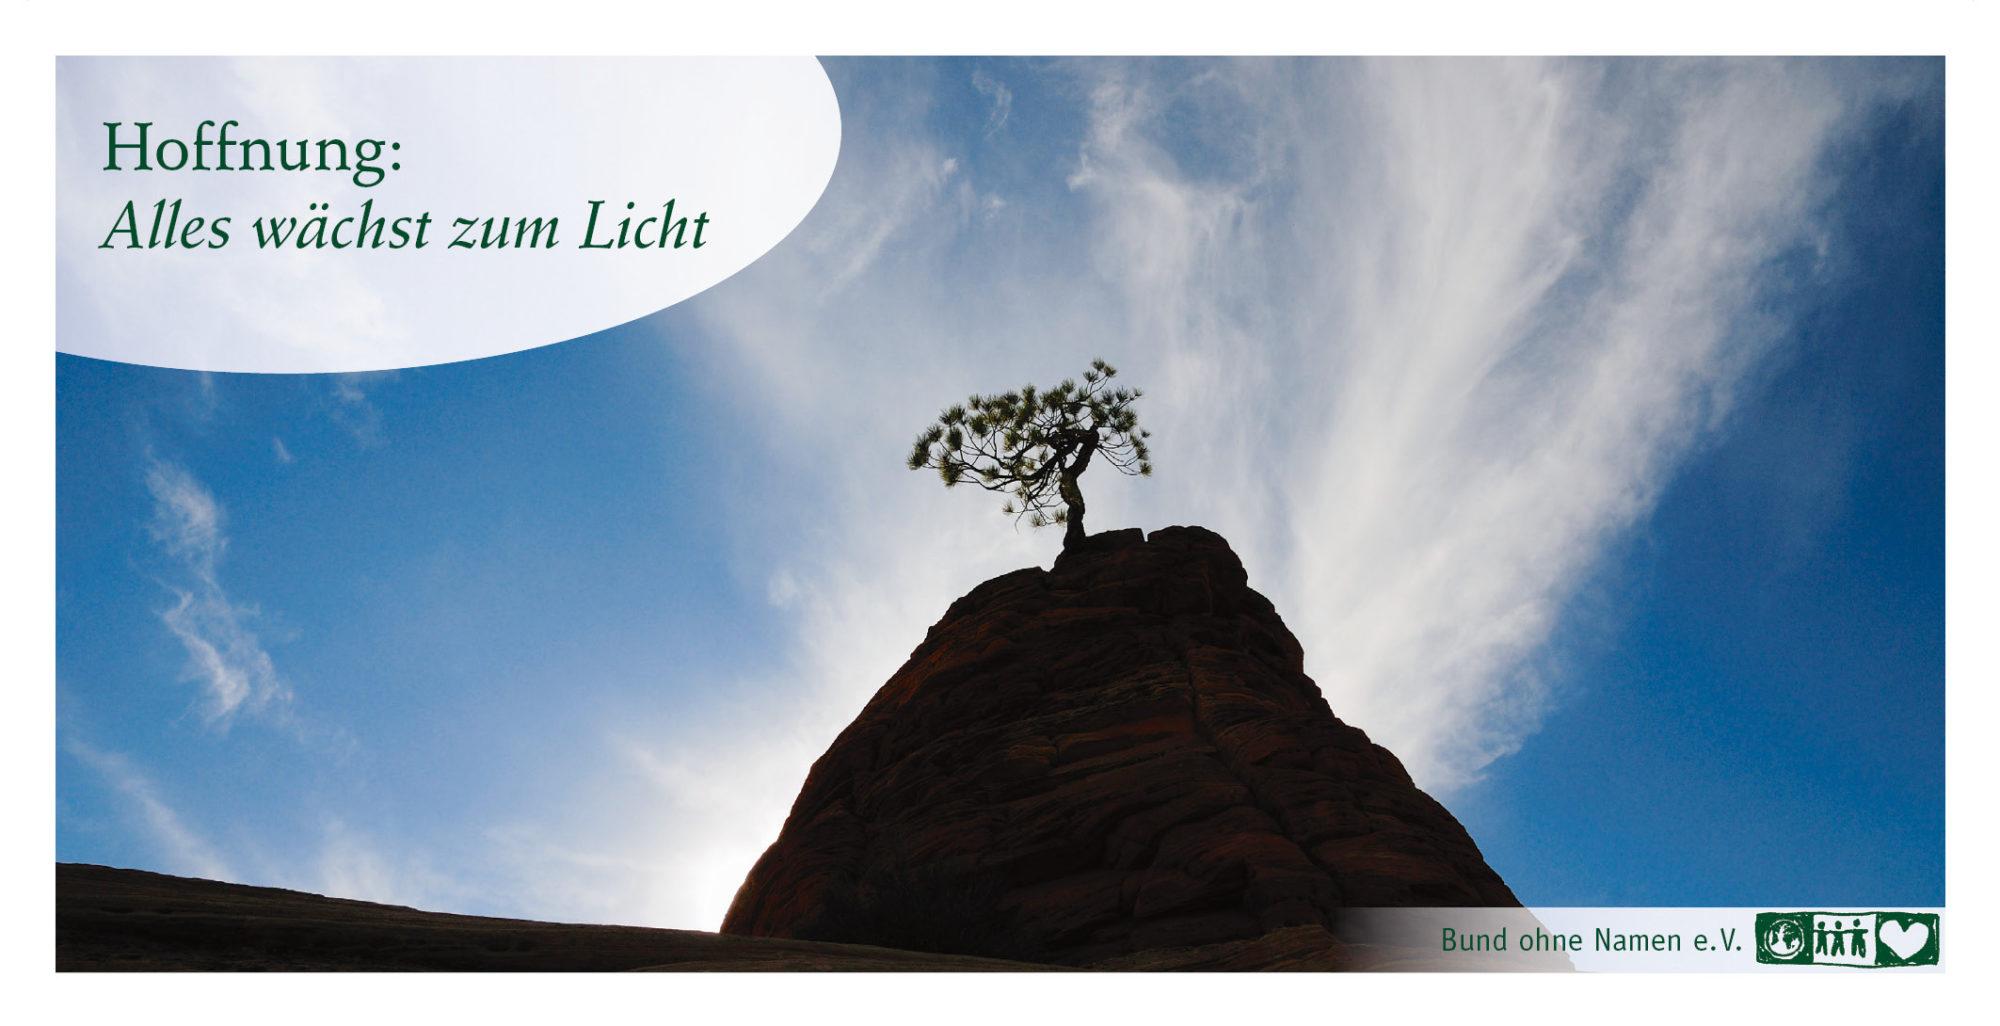 Hoffnung: Alles wächst zum Licht